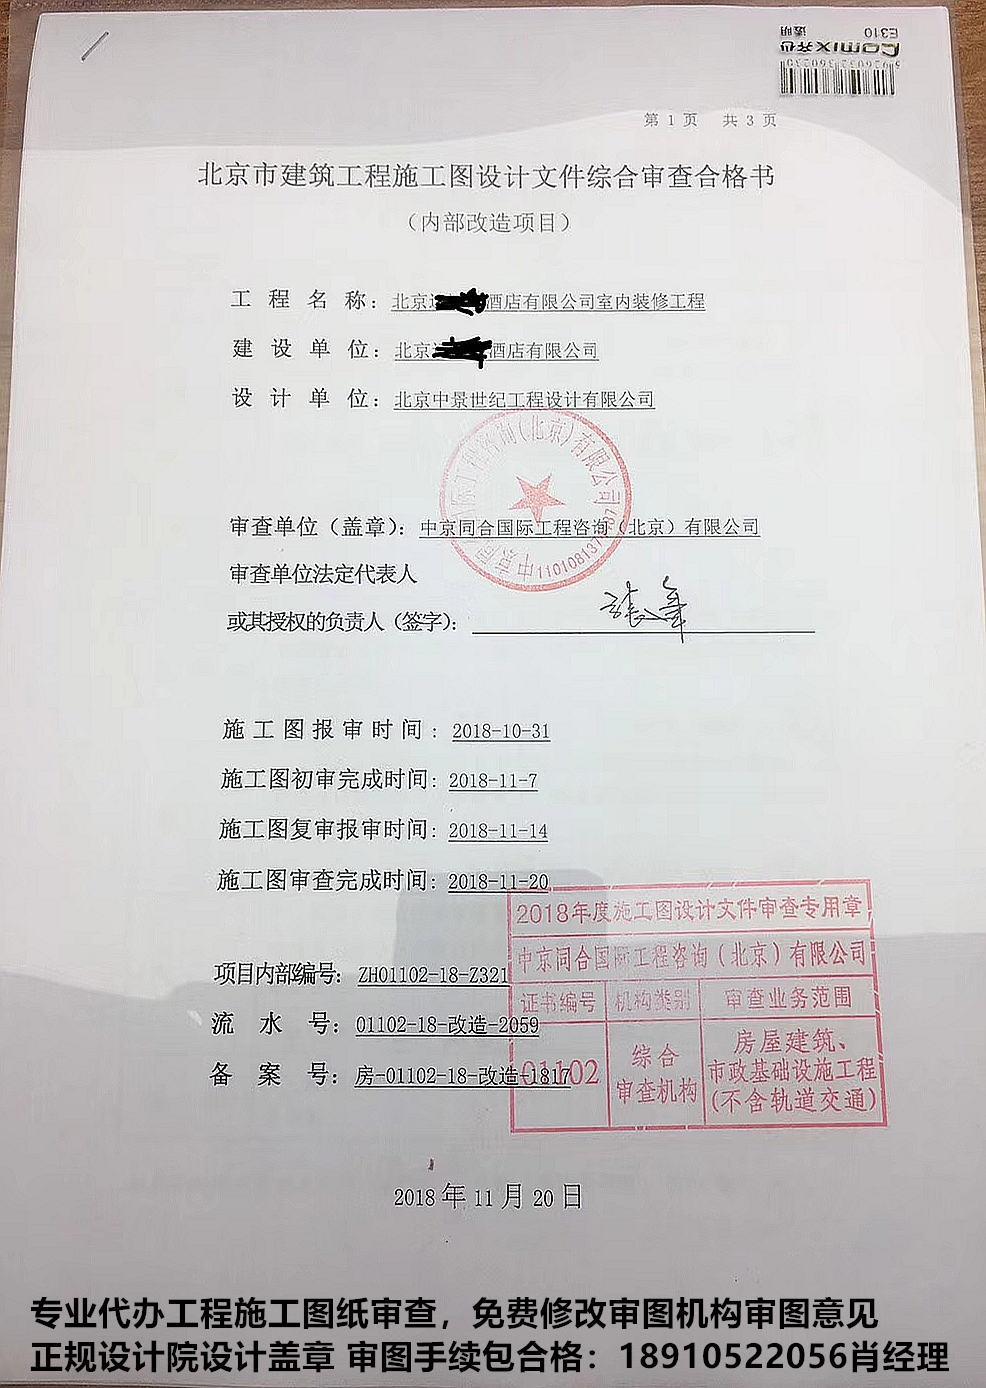 北京大興區2000以上圖紙設計報審專用章